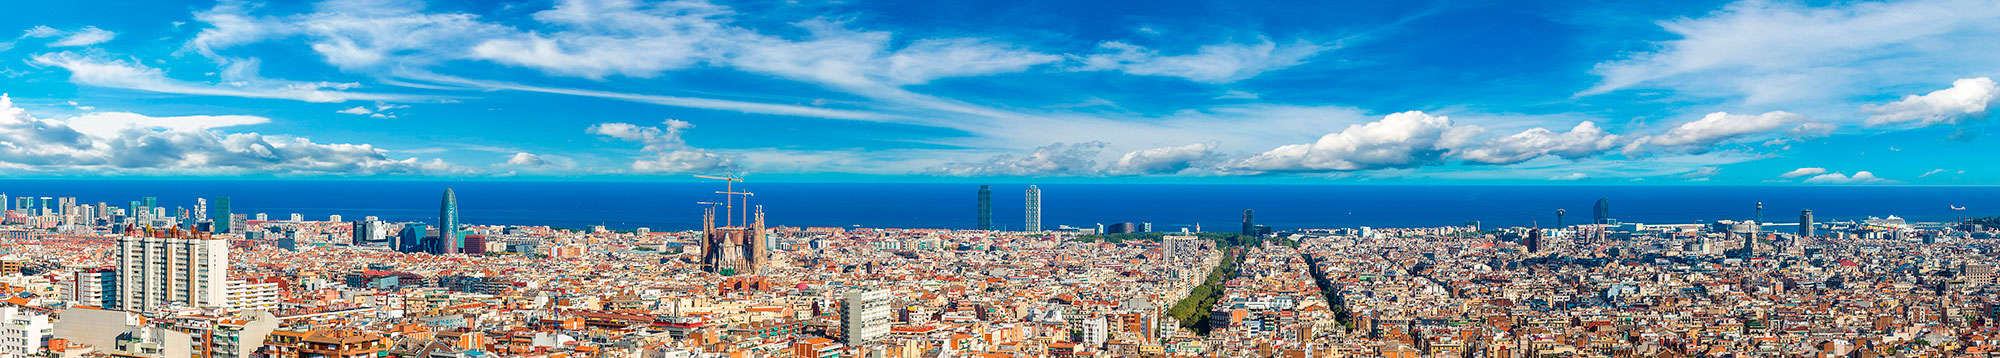 Week-end et séjour en Catalogne